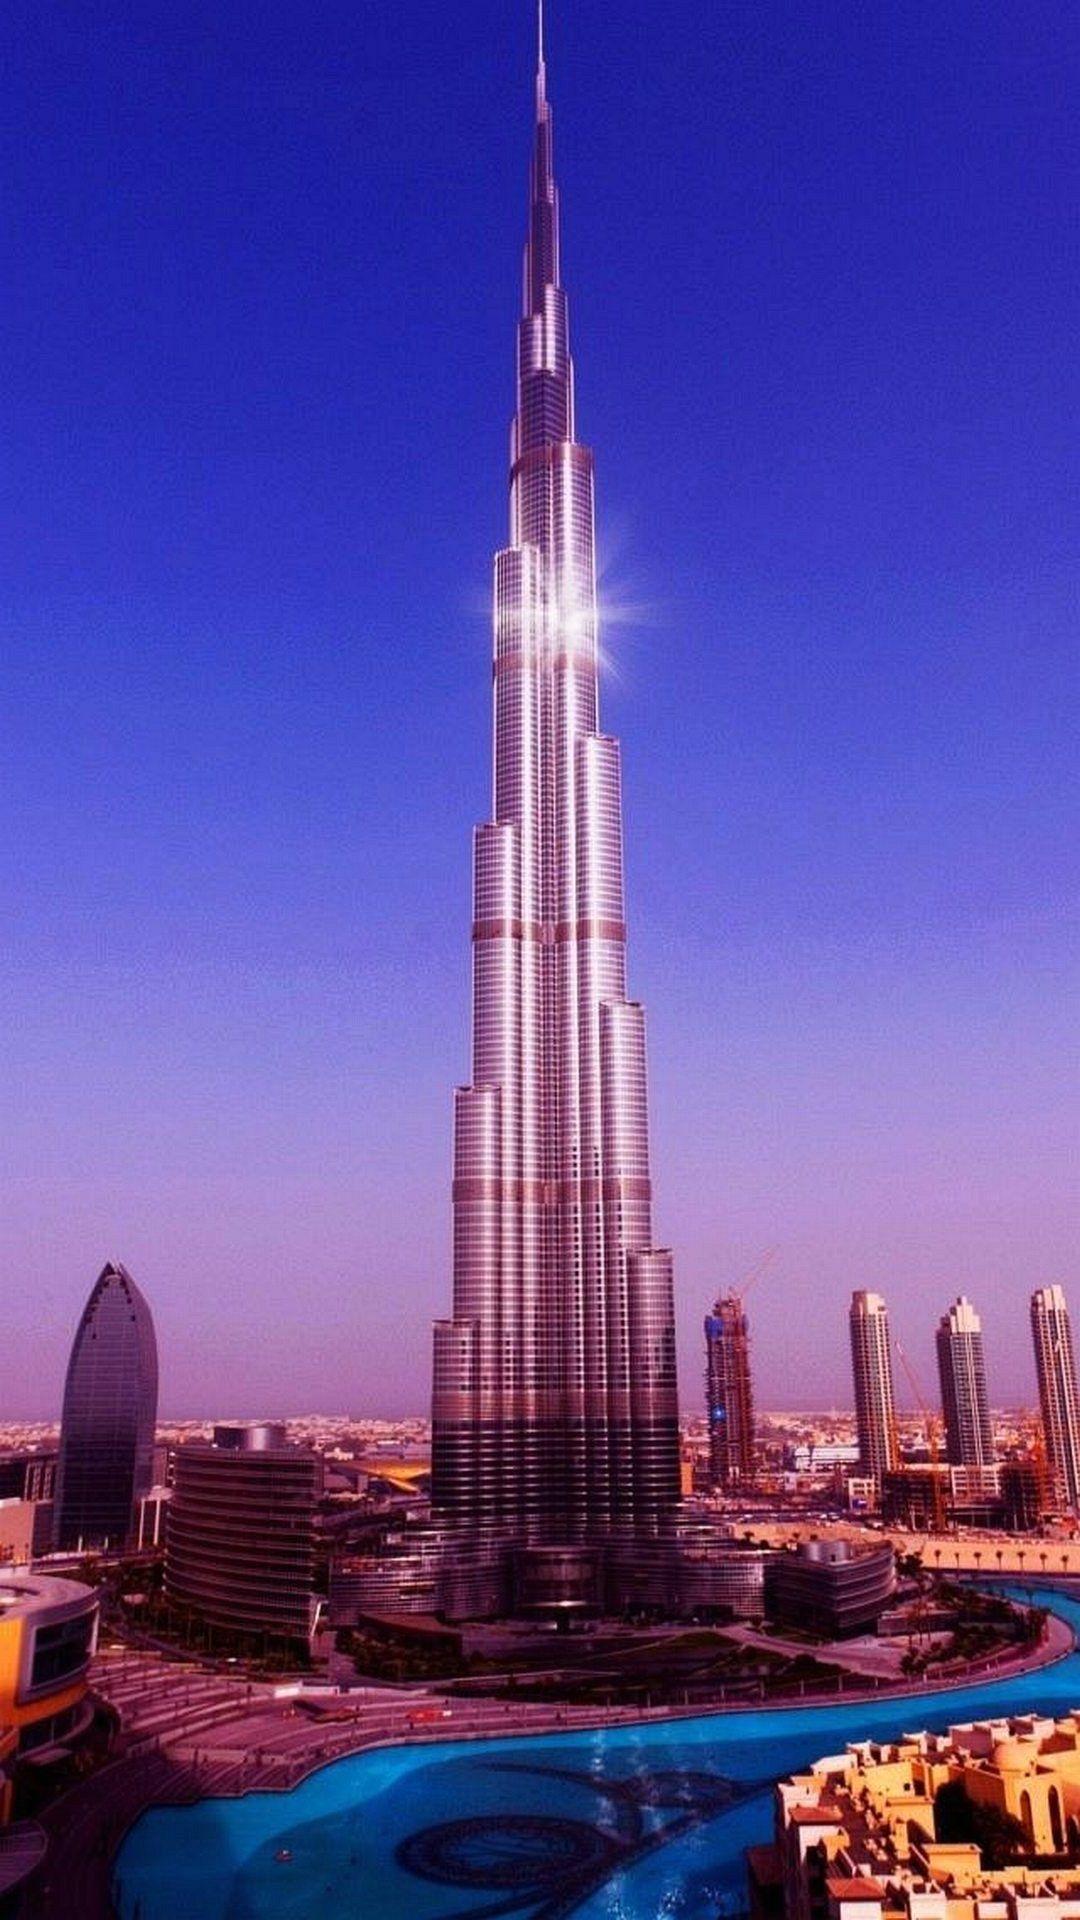 Burj Khalifa Dubai Wallpaper Iphone Burj Khalifa Iphone